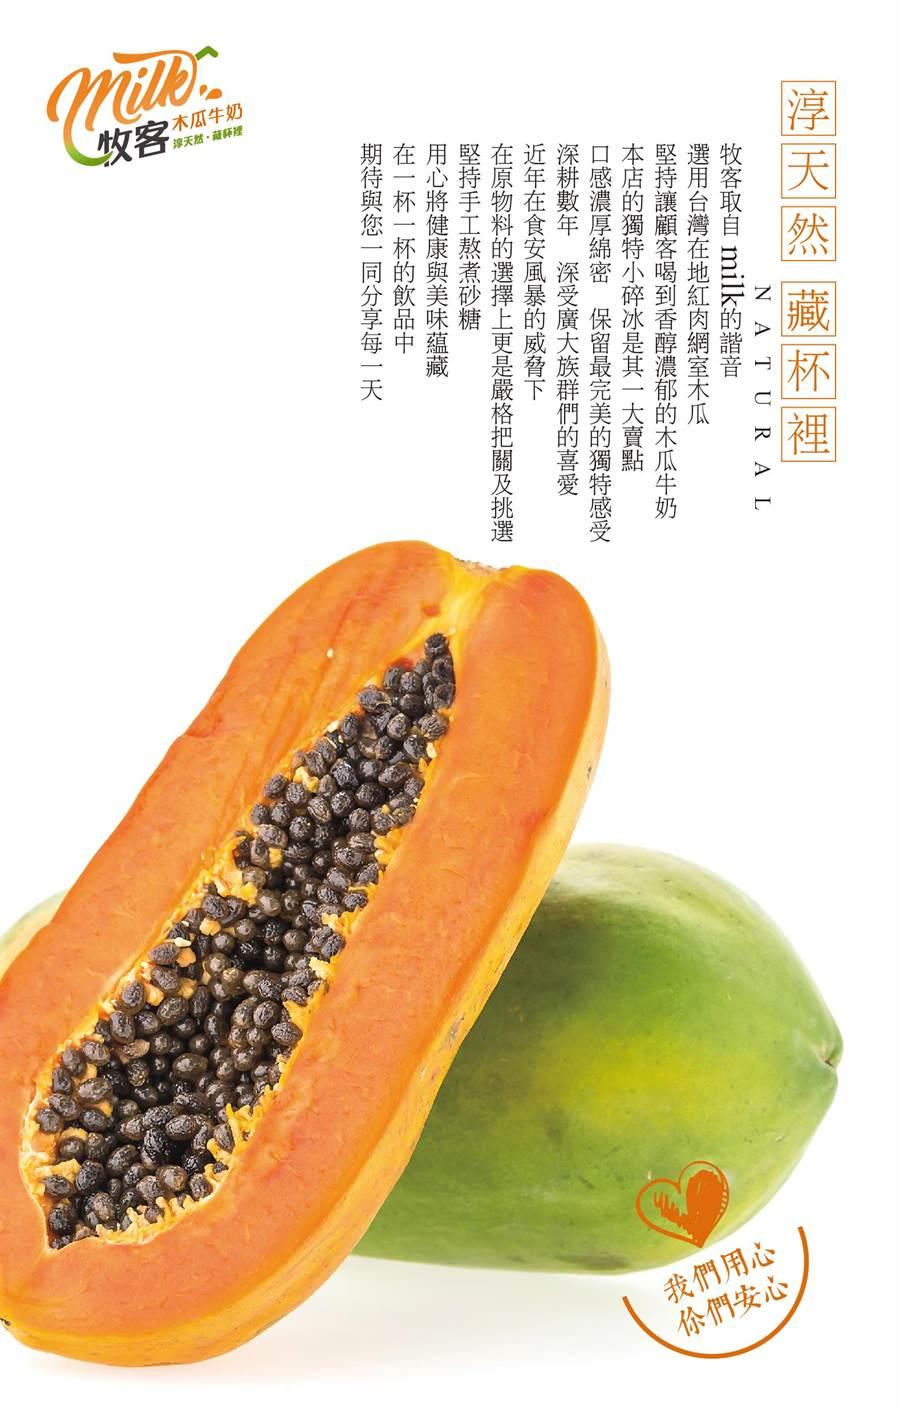 ▲「牧客」以他們最自豪的台灣紅肉網室木瓜作為LOGO品牌,就是要讓顧客知道,他們的木瓜牛奶最道地、香醇濃郁又可口。。(楊樹煌攝)